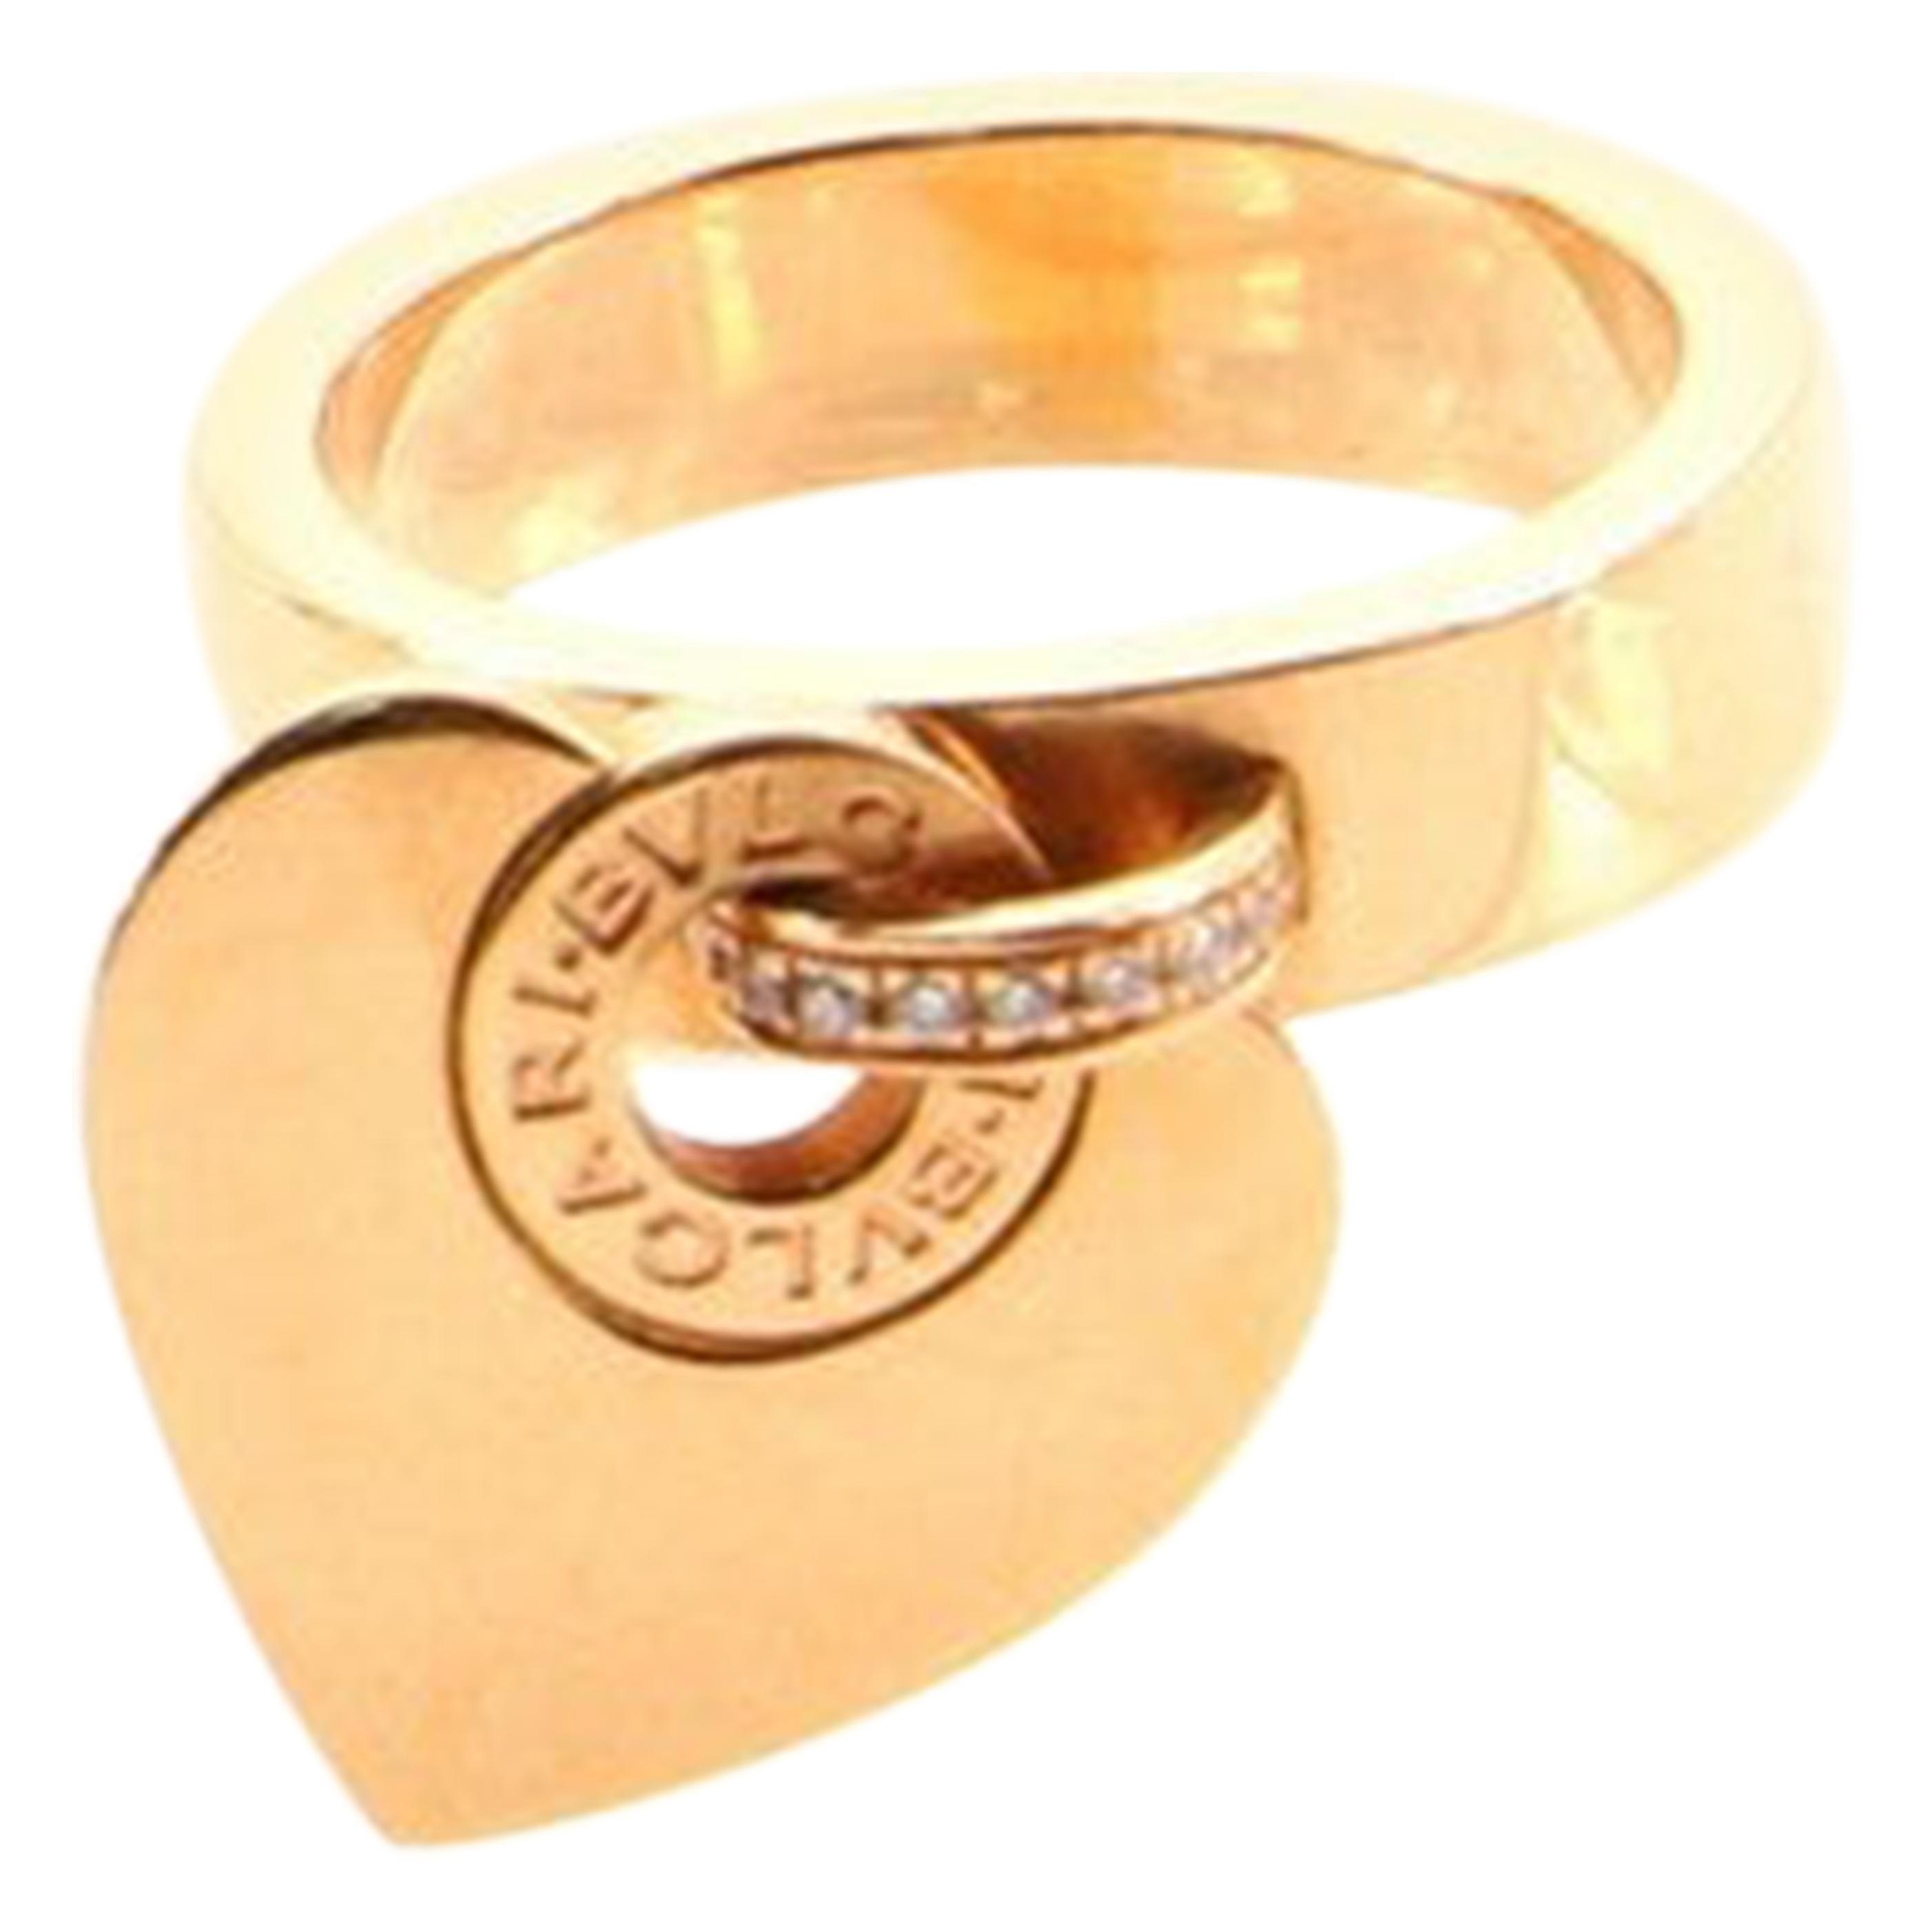 Bvlgari Cuore Charm Ring 18 Karat Rose Gold and Diamonds